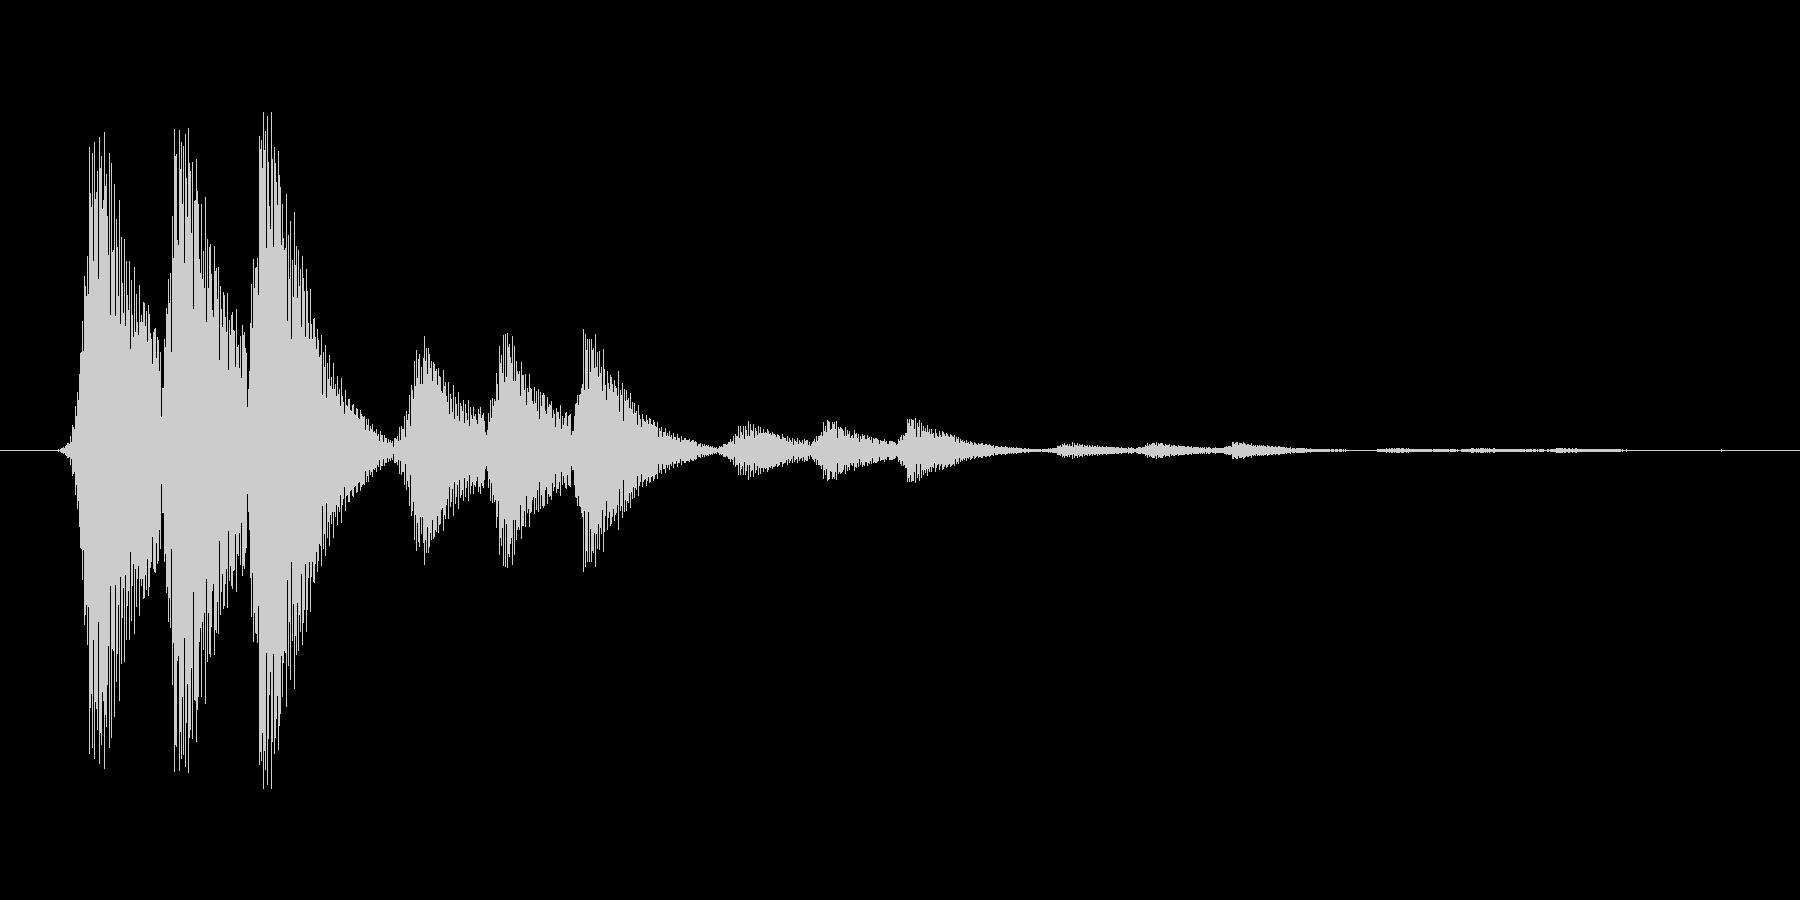 ファミコン風効果音 決定音系です 23の未再生の波形